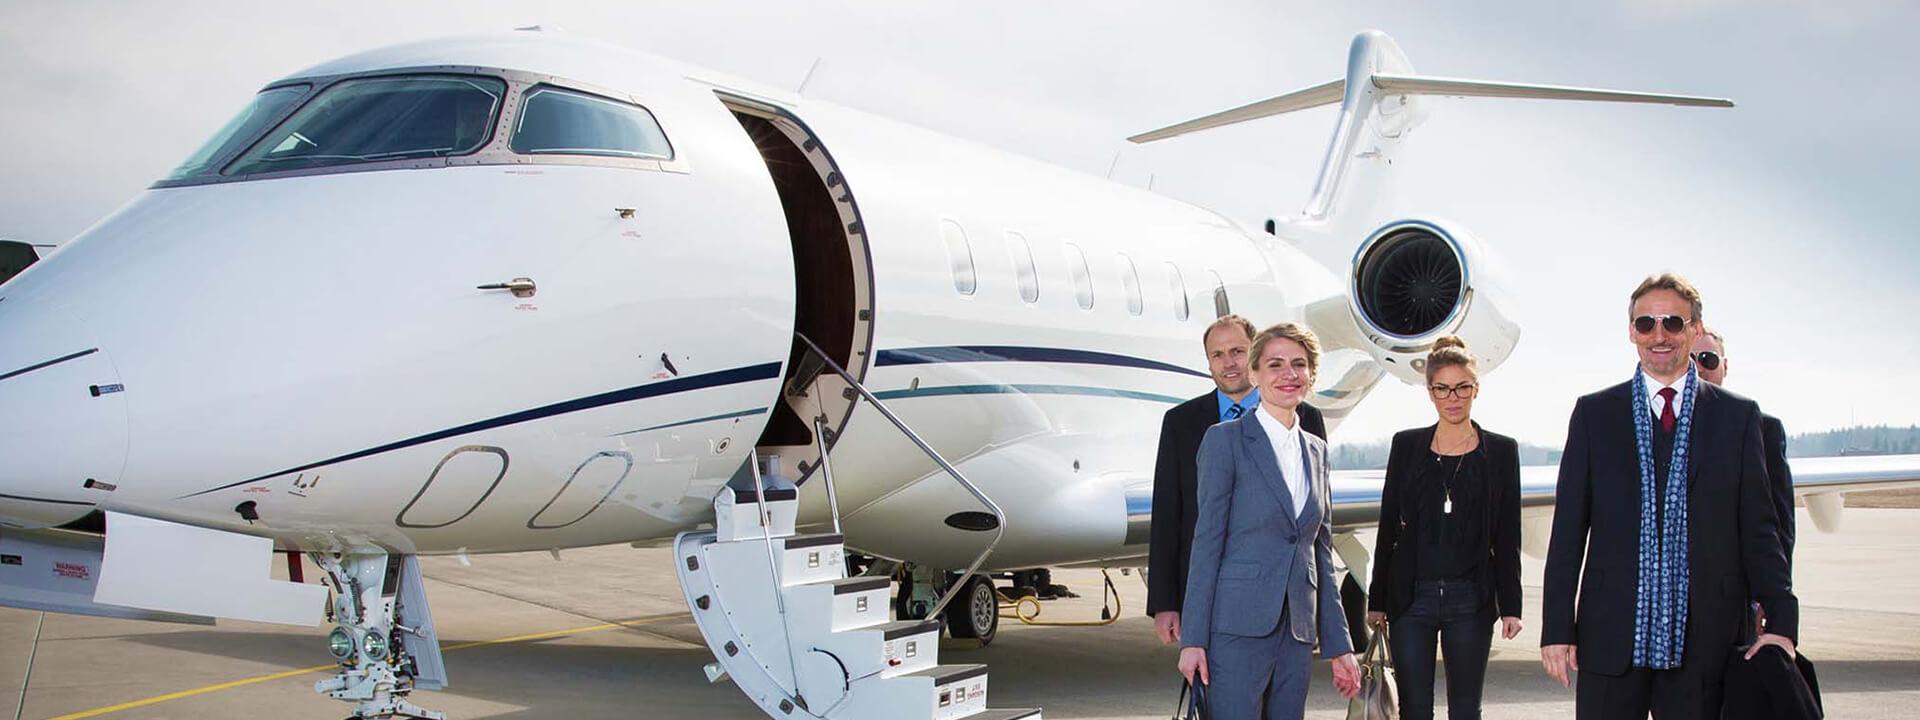 voli d affari prenota con jetapp